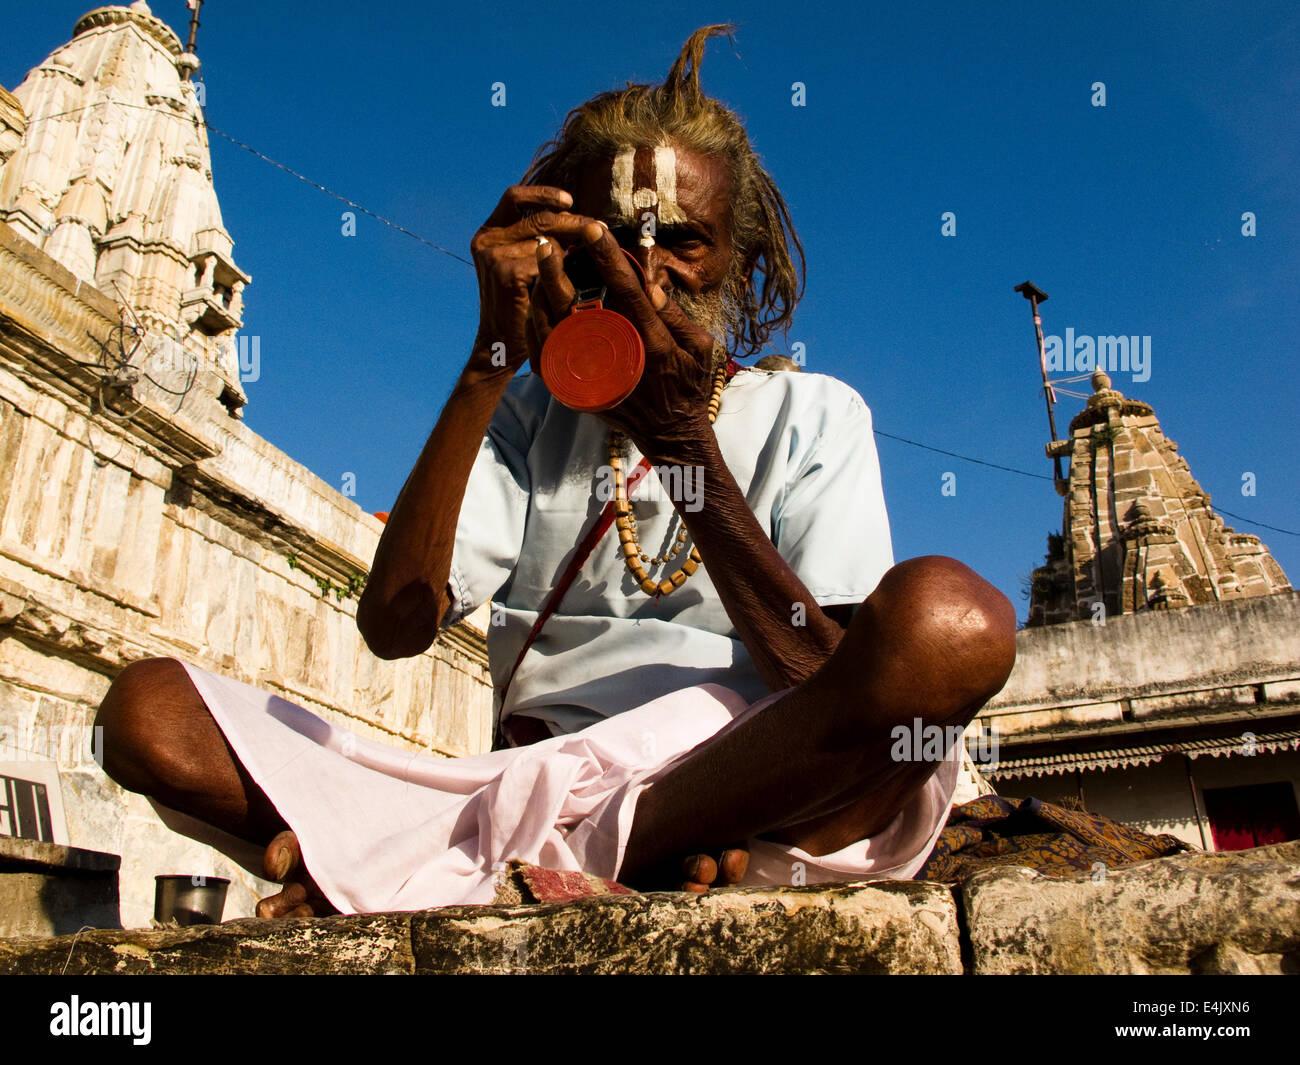 Sadhu in Udaipur - Stock Image